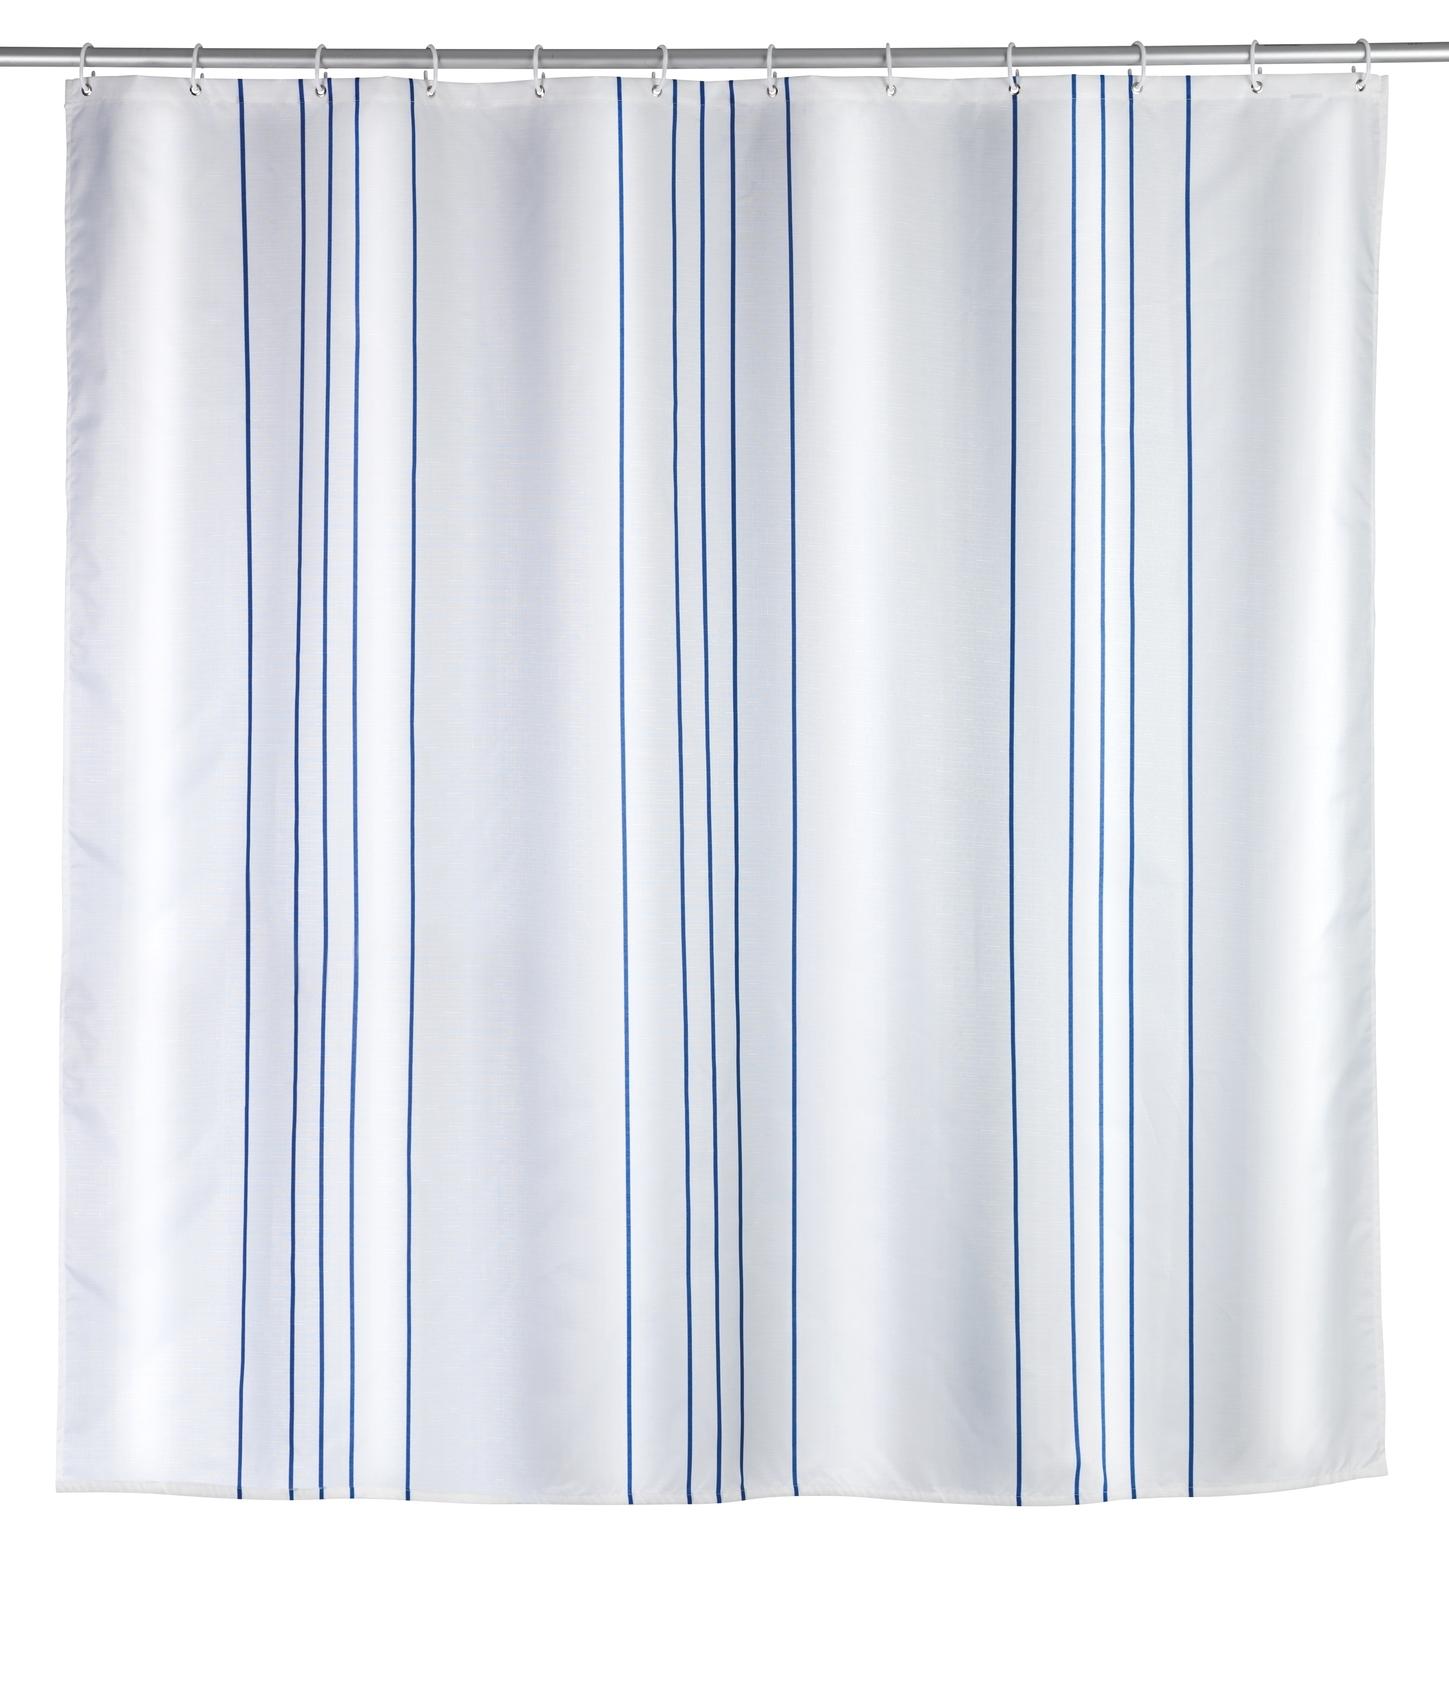 Perdea dus din poliester, Linen Alb / Albastru, 180 x 200 cm imagine